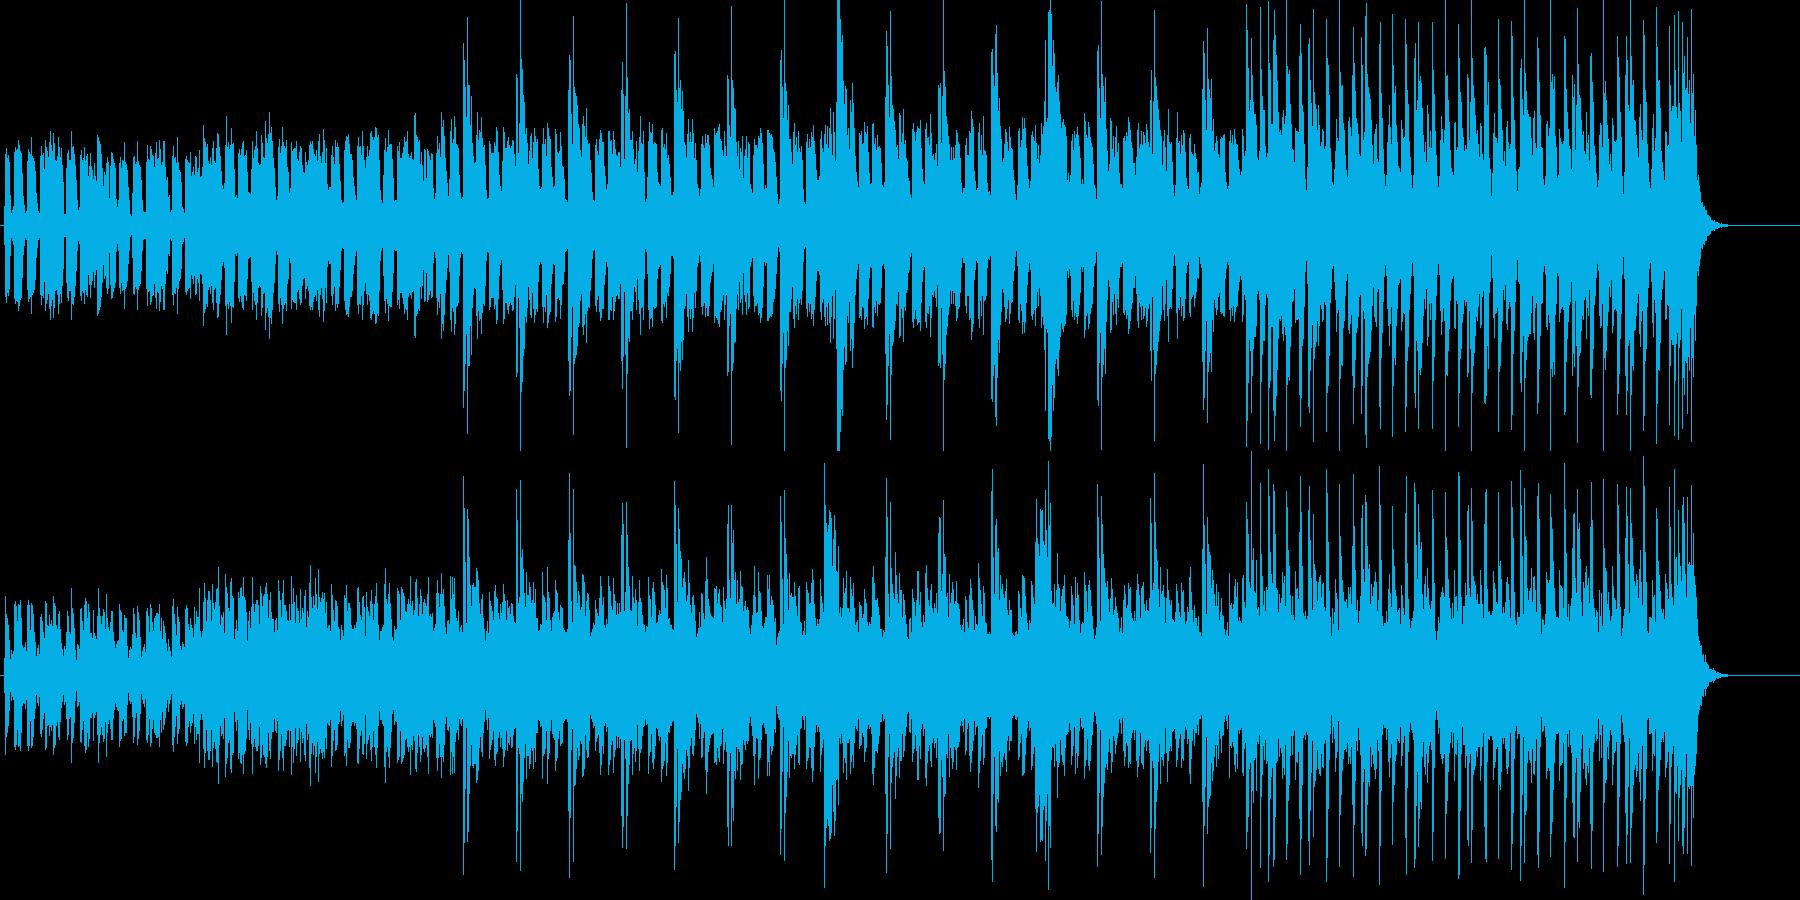 ベース主体の淡々としてクールなBGMの再生済みの波形